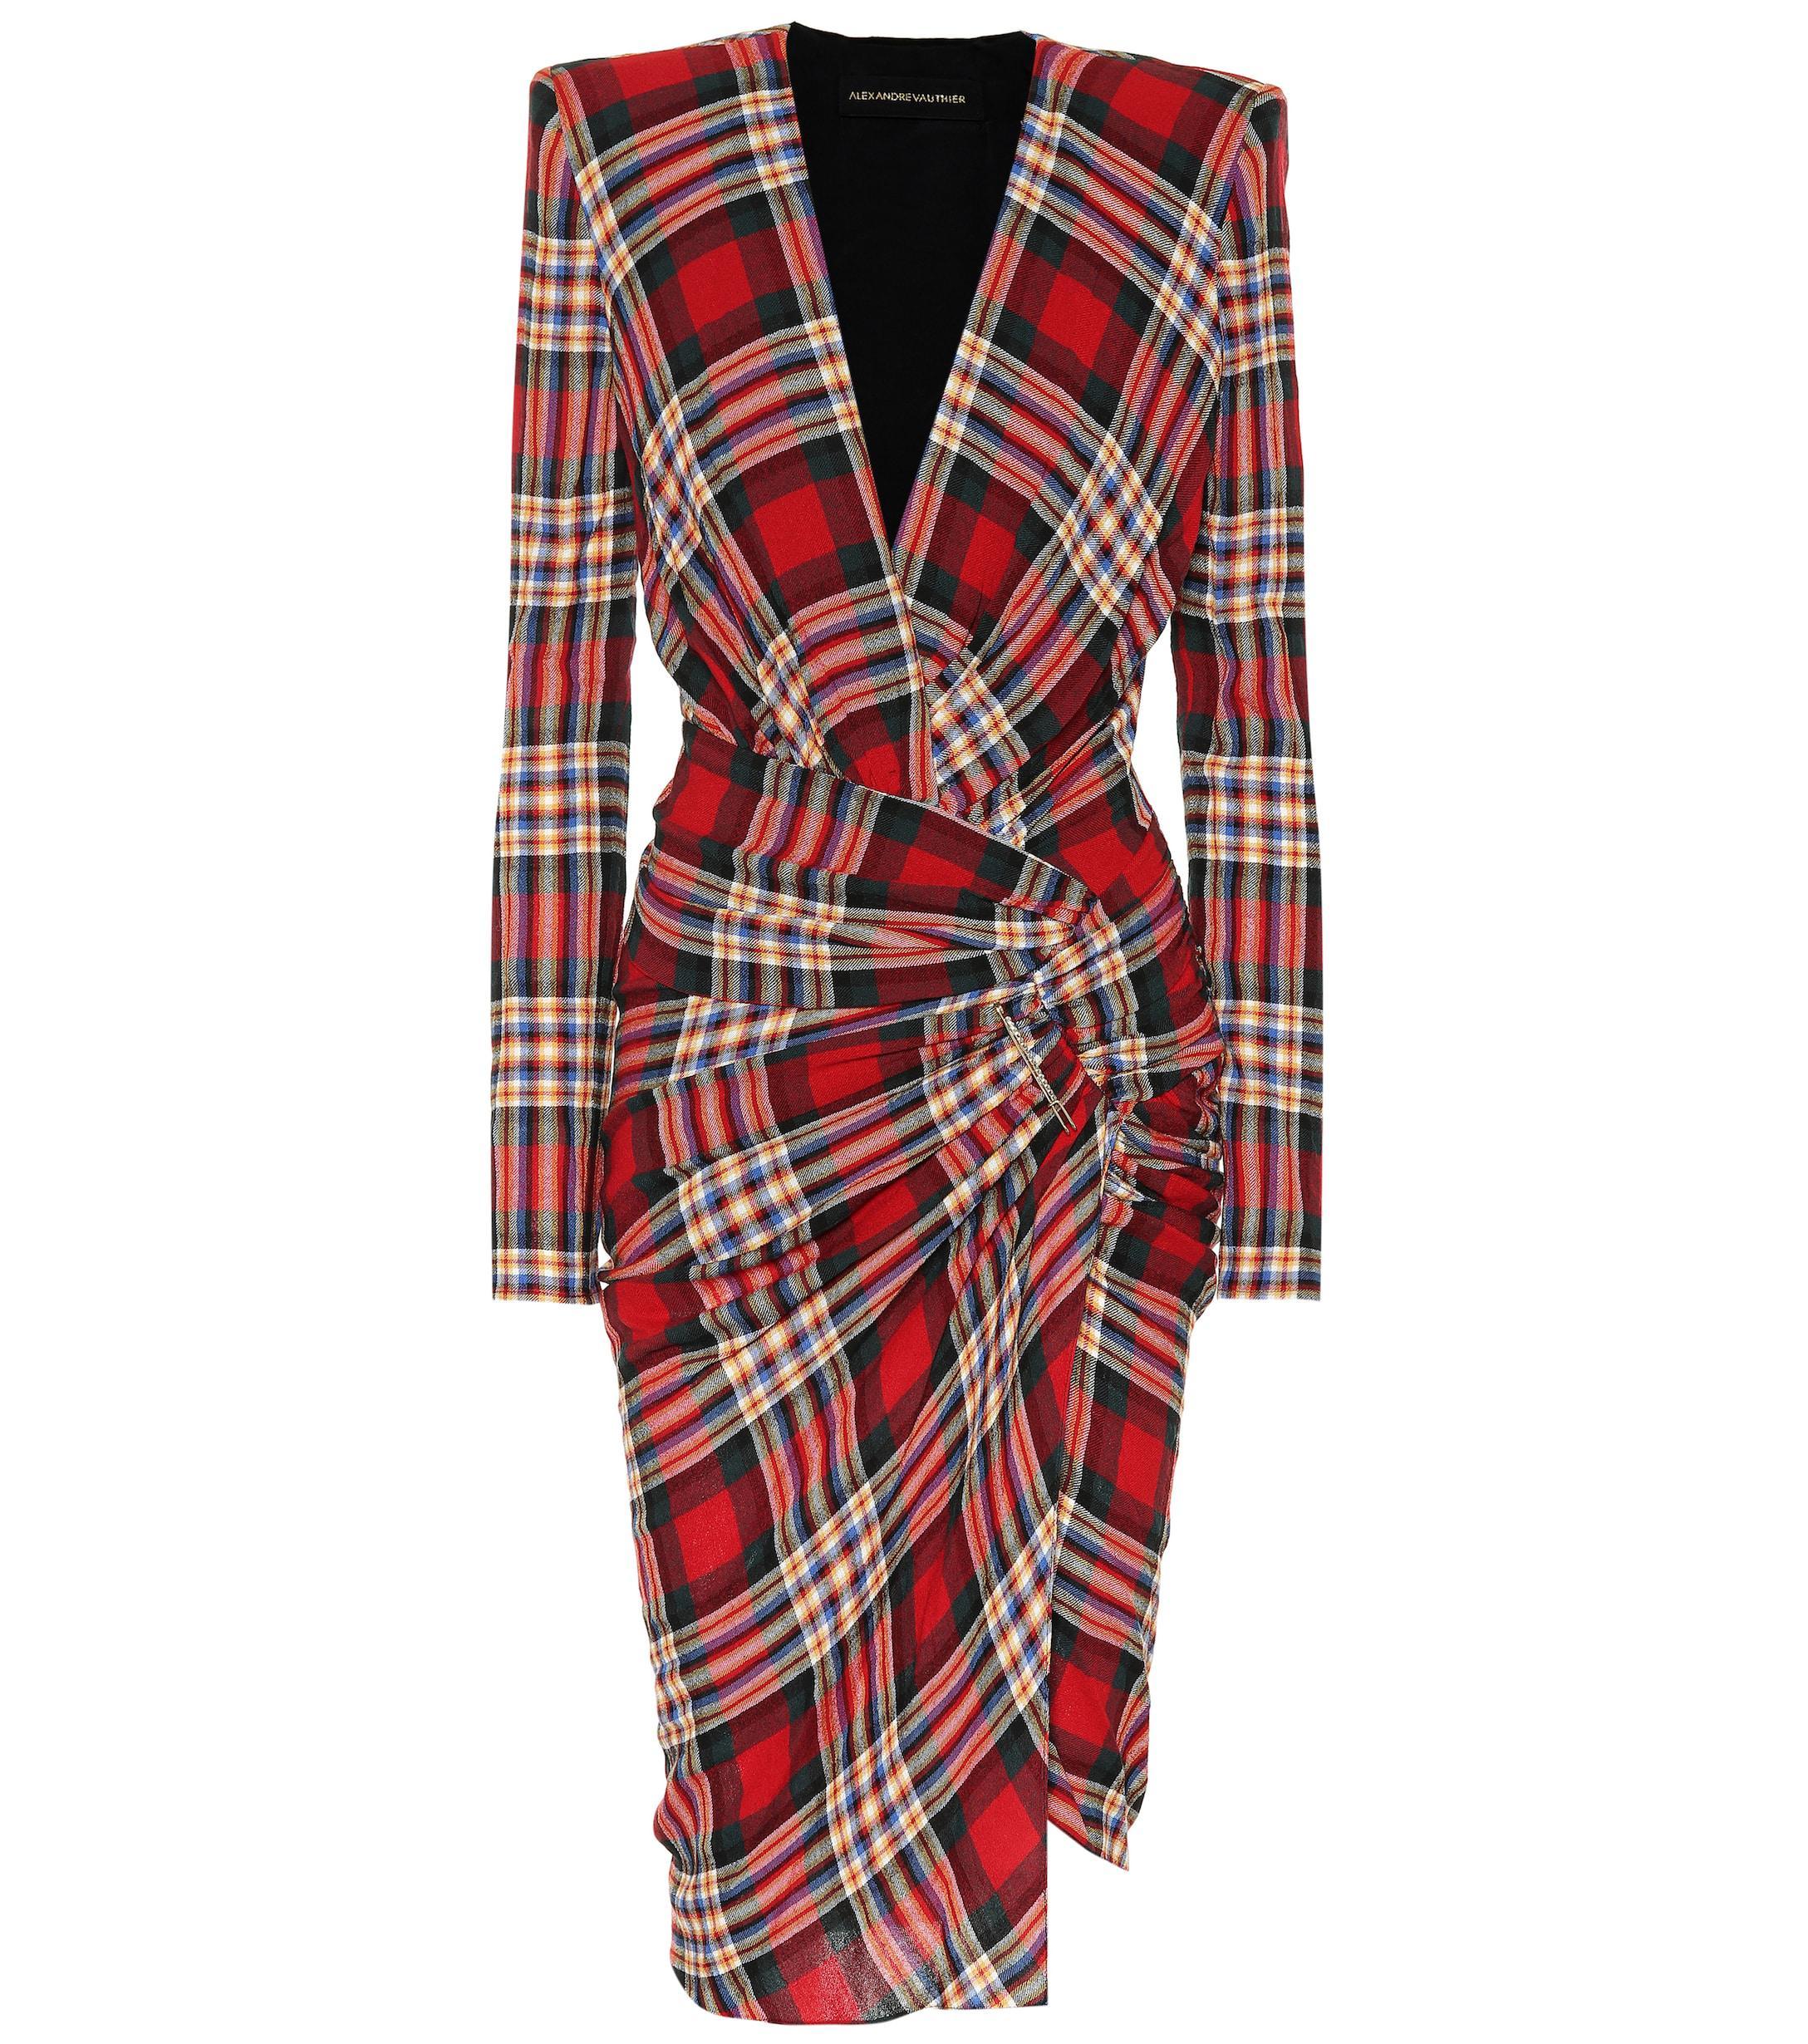 cb0f9e174c9 Robe en laine mélangée à carreaux Alexandre Vauthier en coloris ...